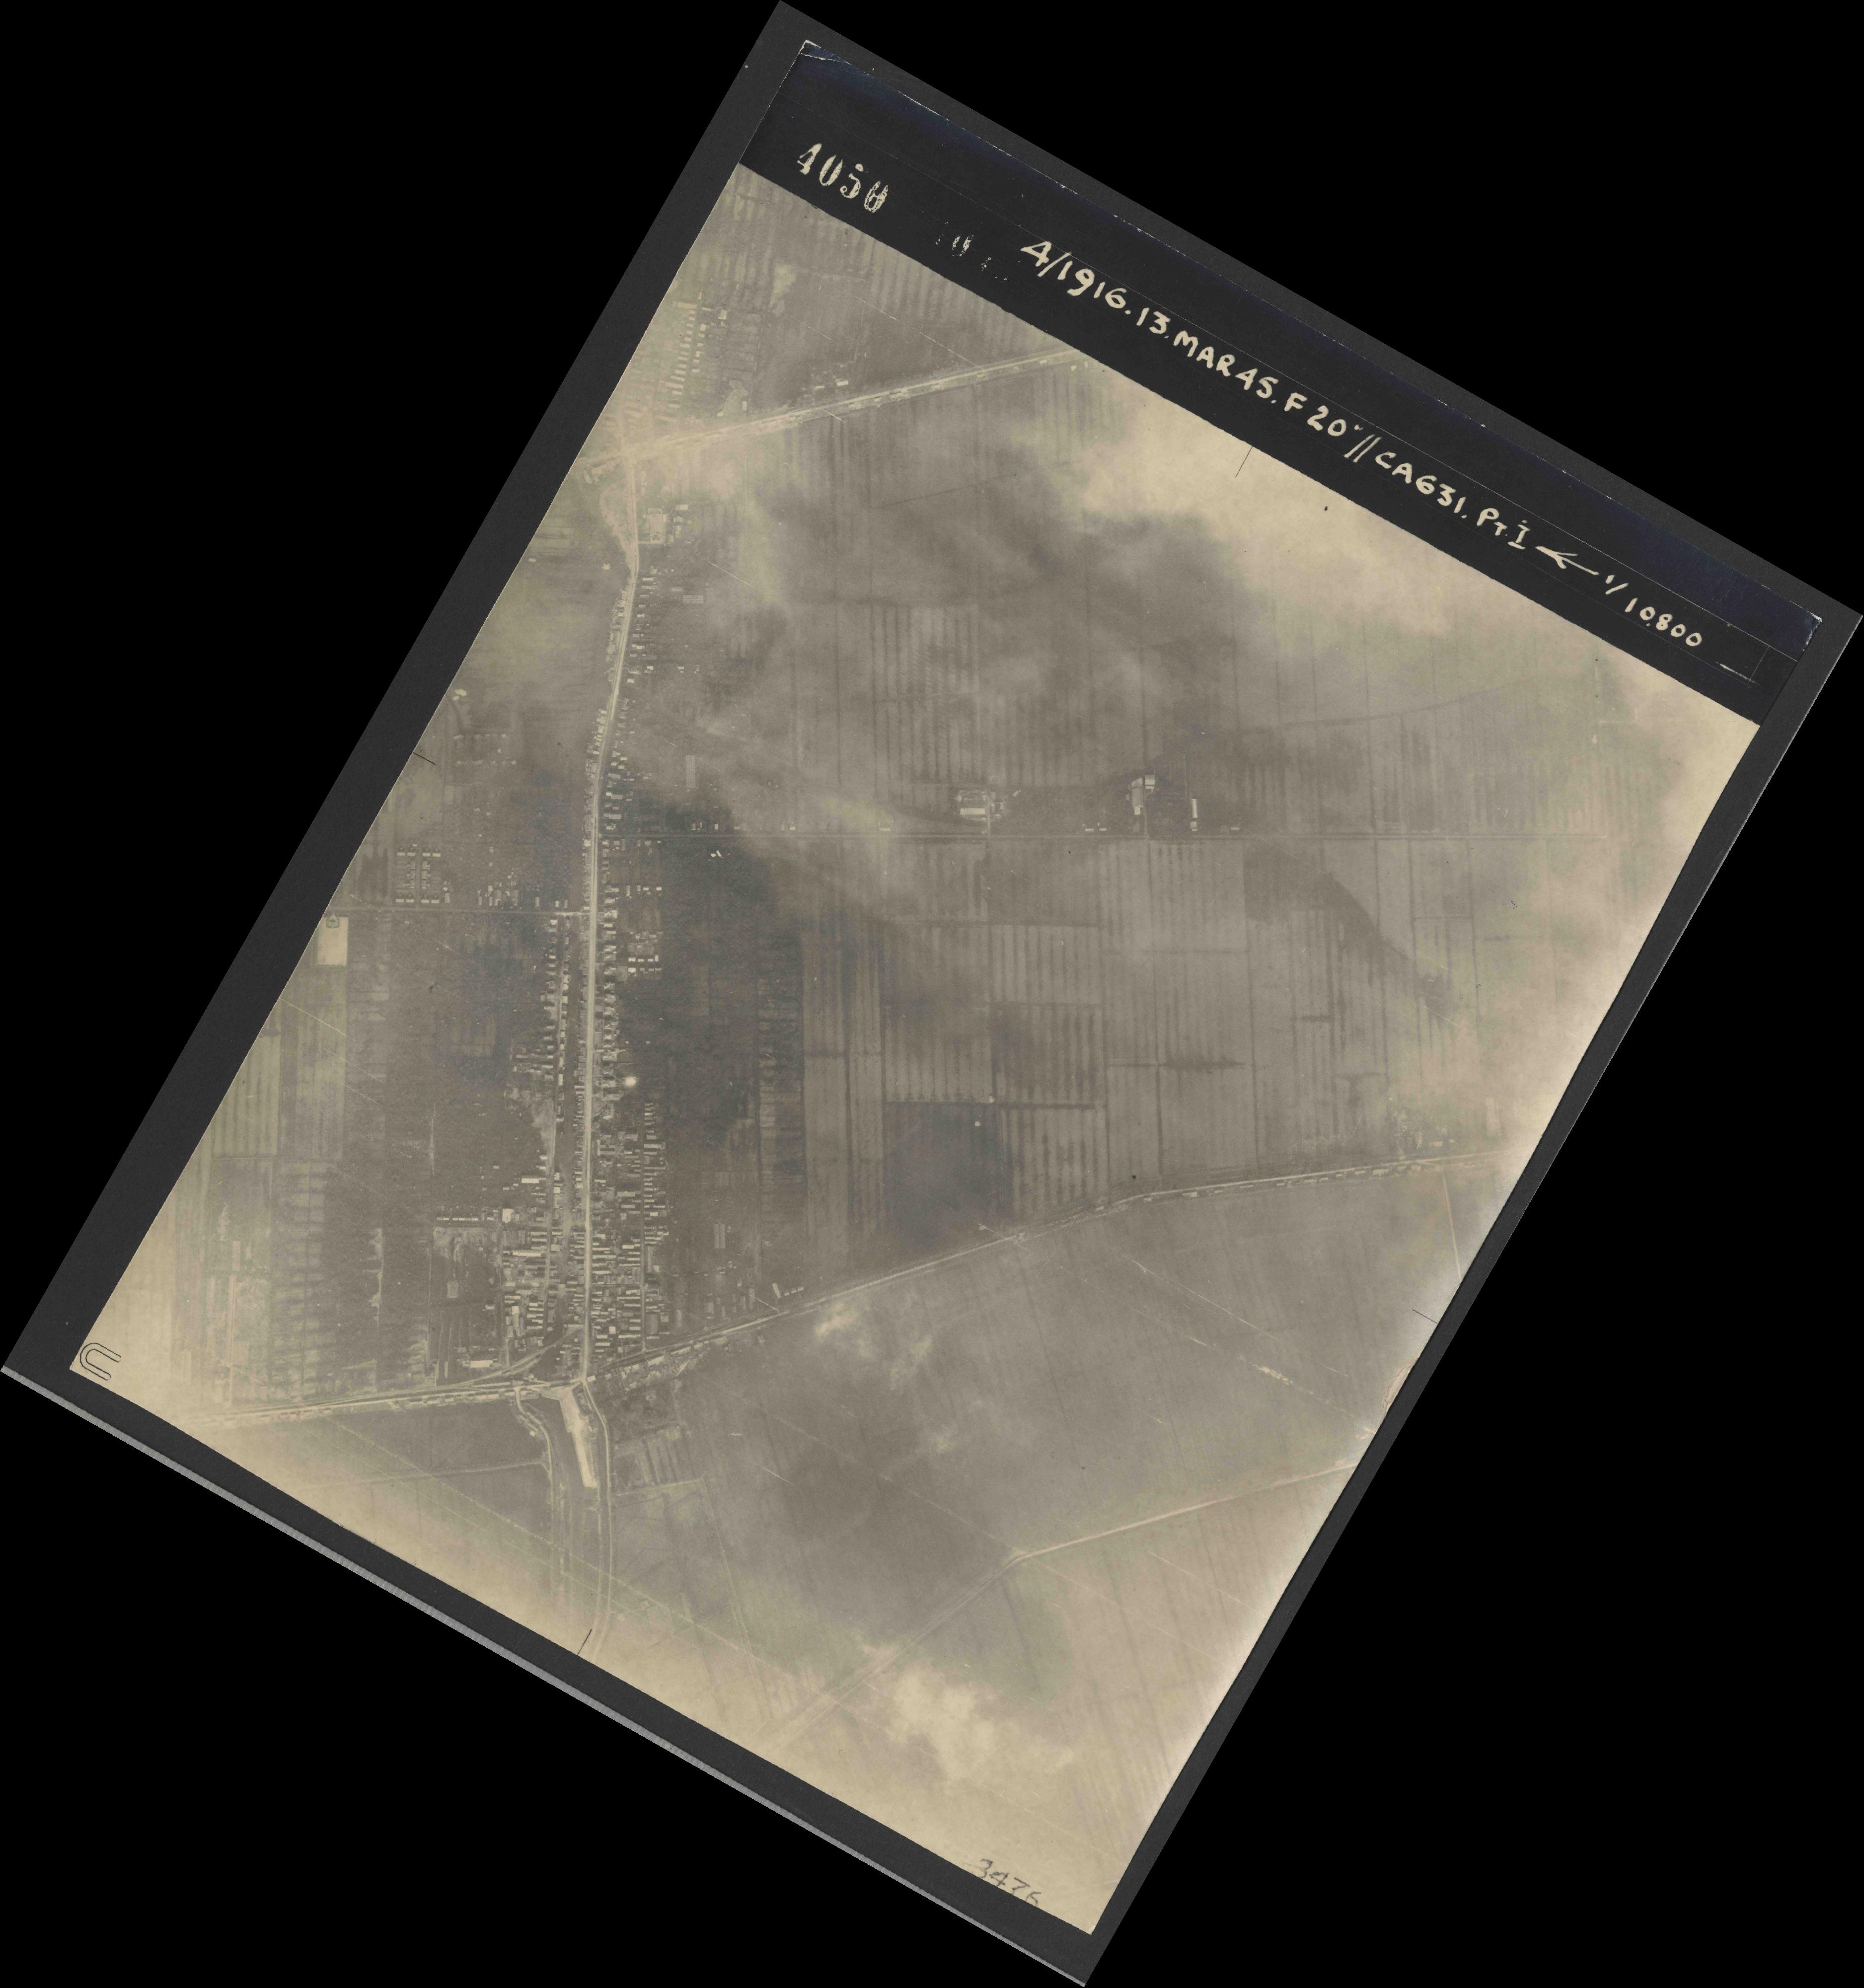 Collection RAF aerial photos 1940-1945 - flight 085, run 02, photo 4050